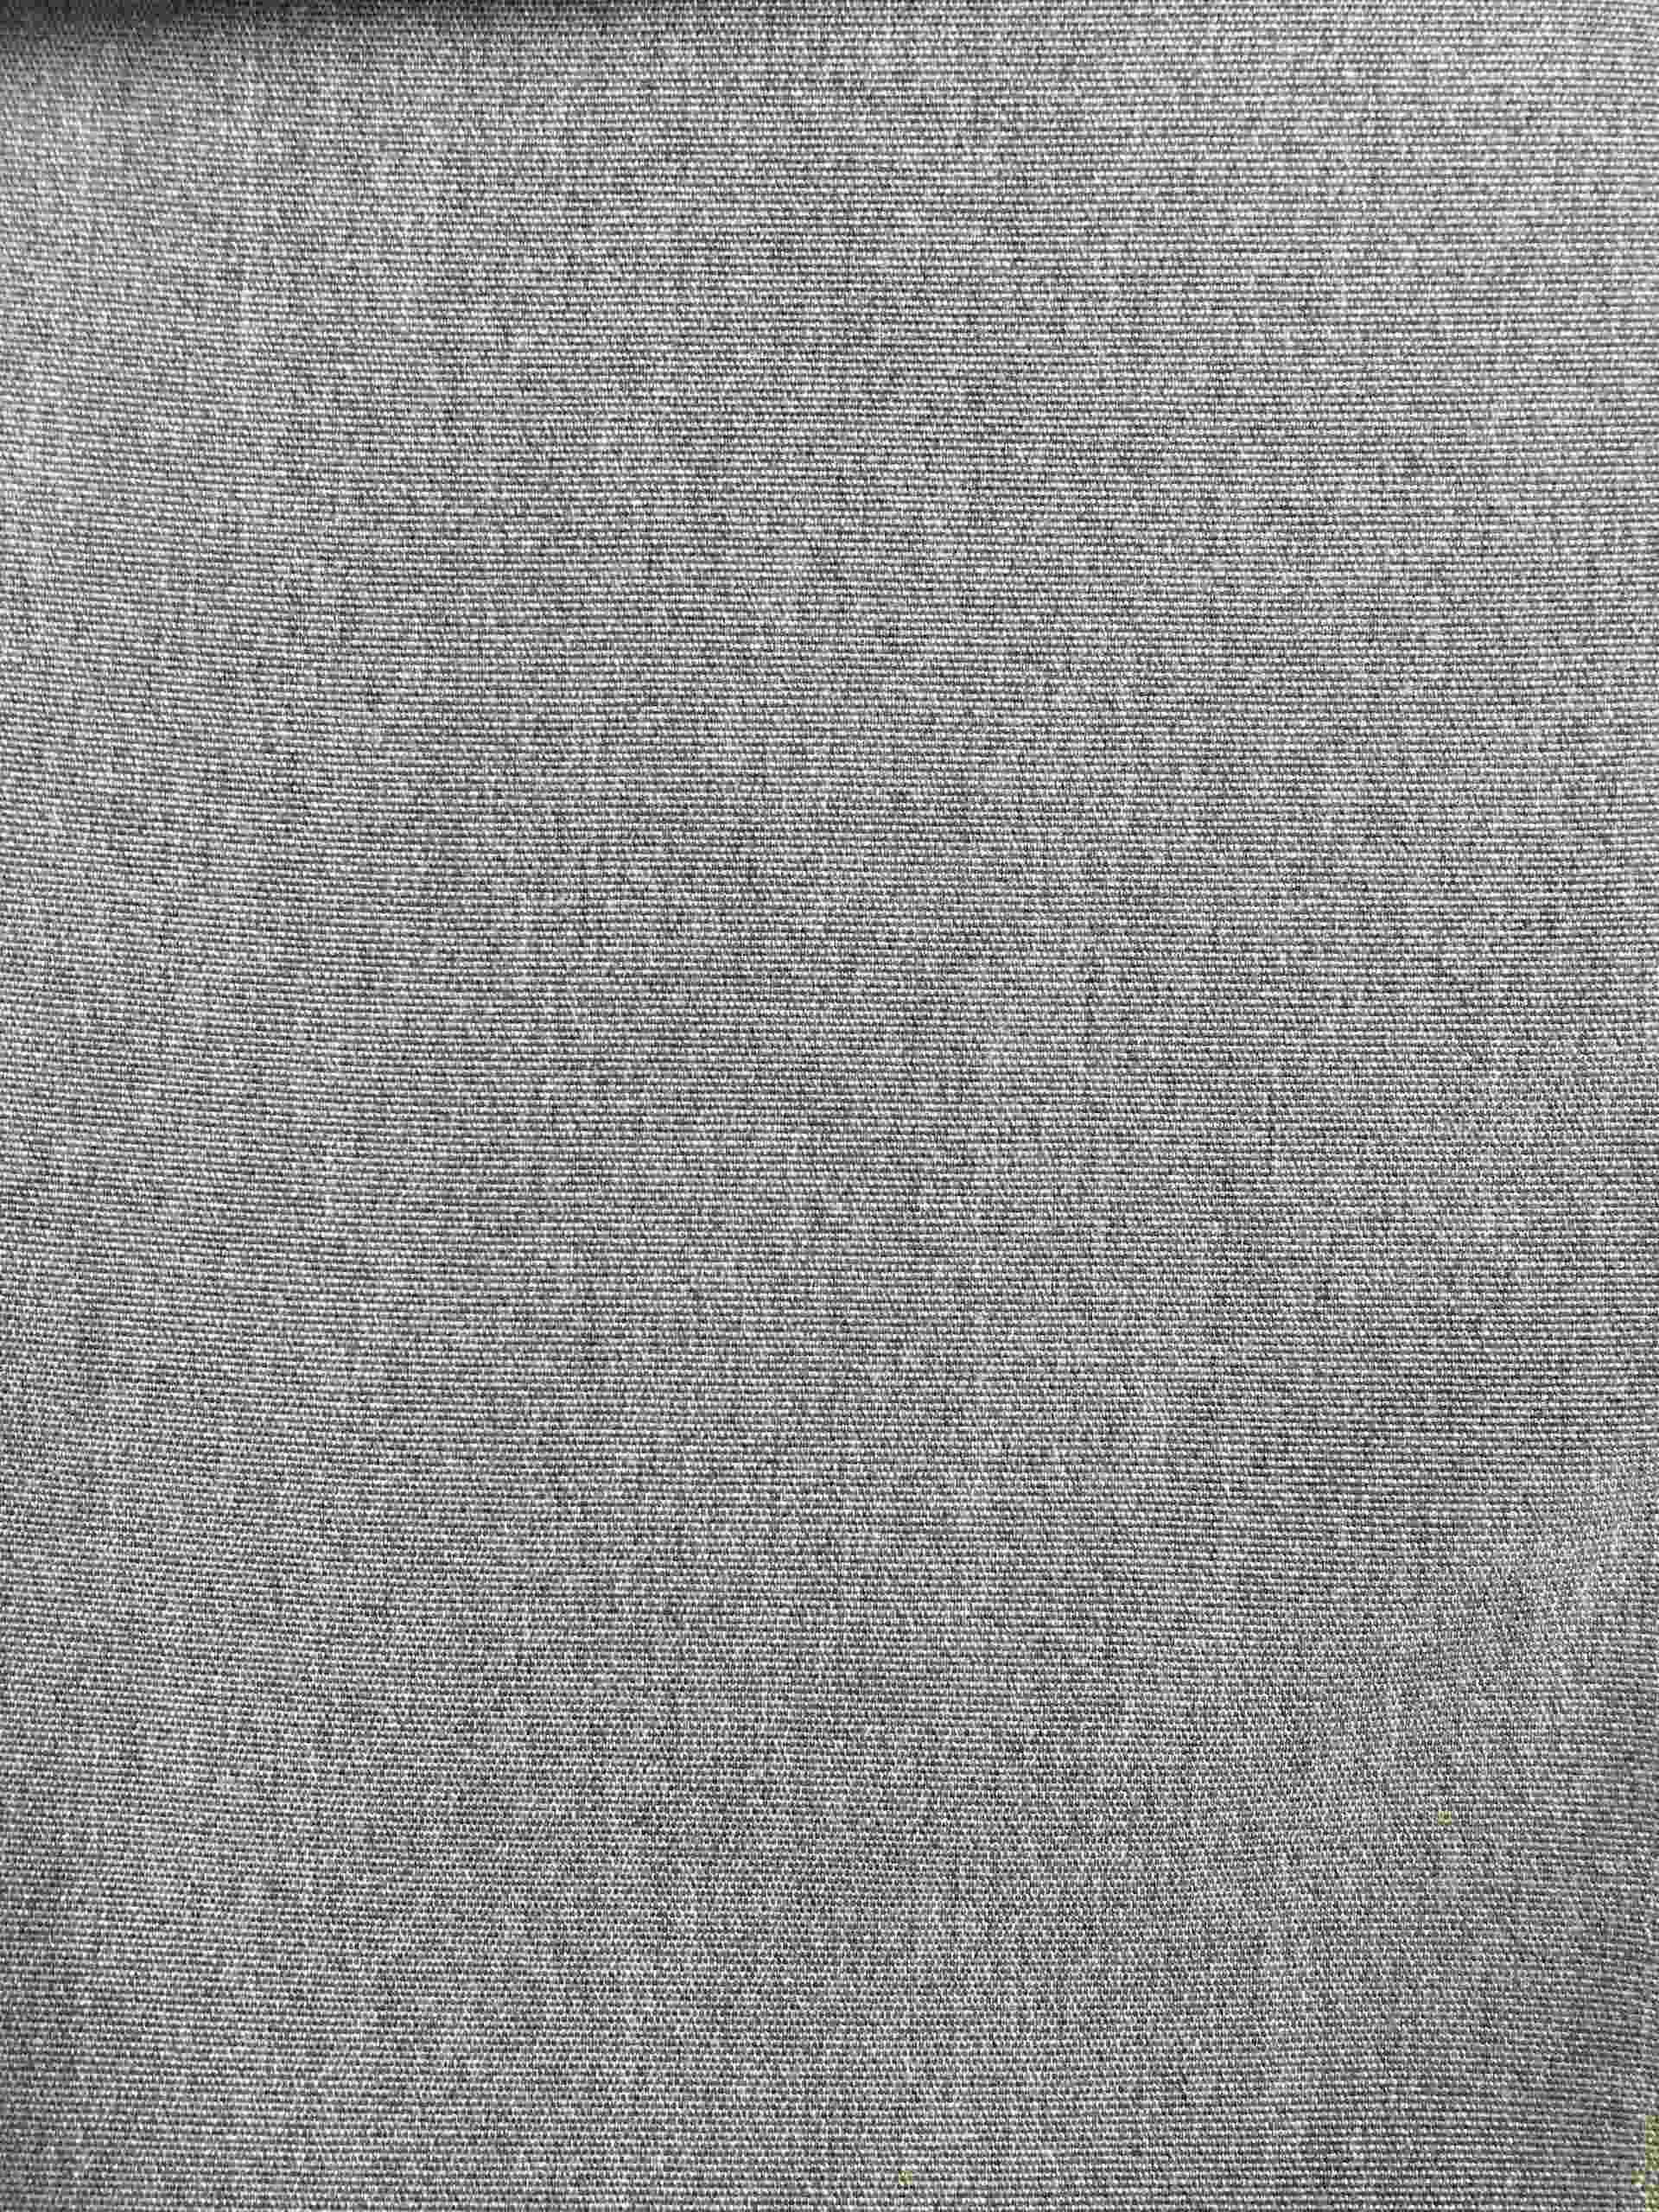 UNI GRAPHIT 1702 KAT. 1